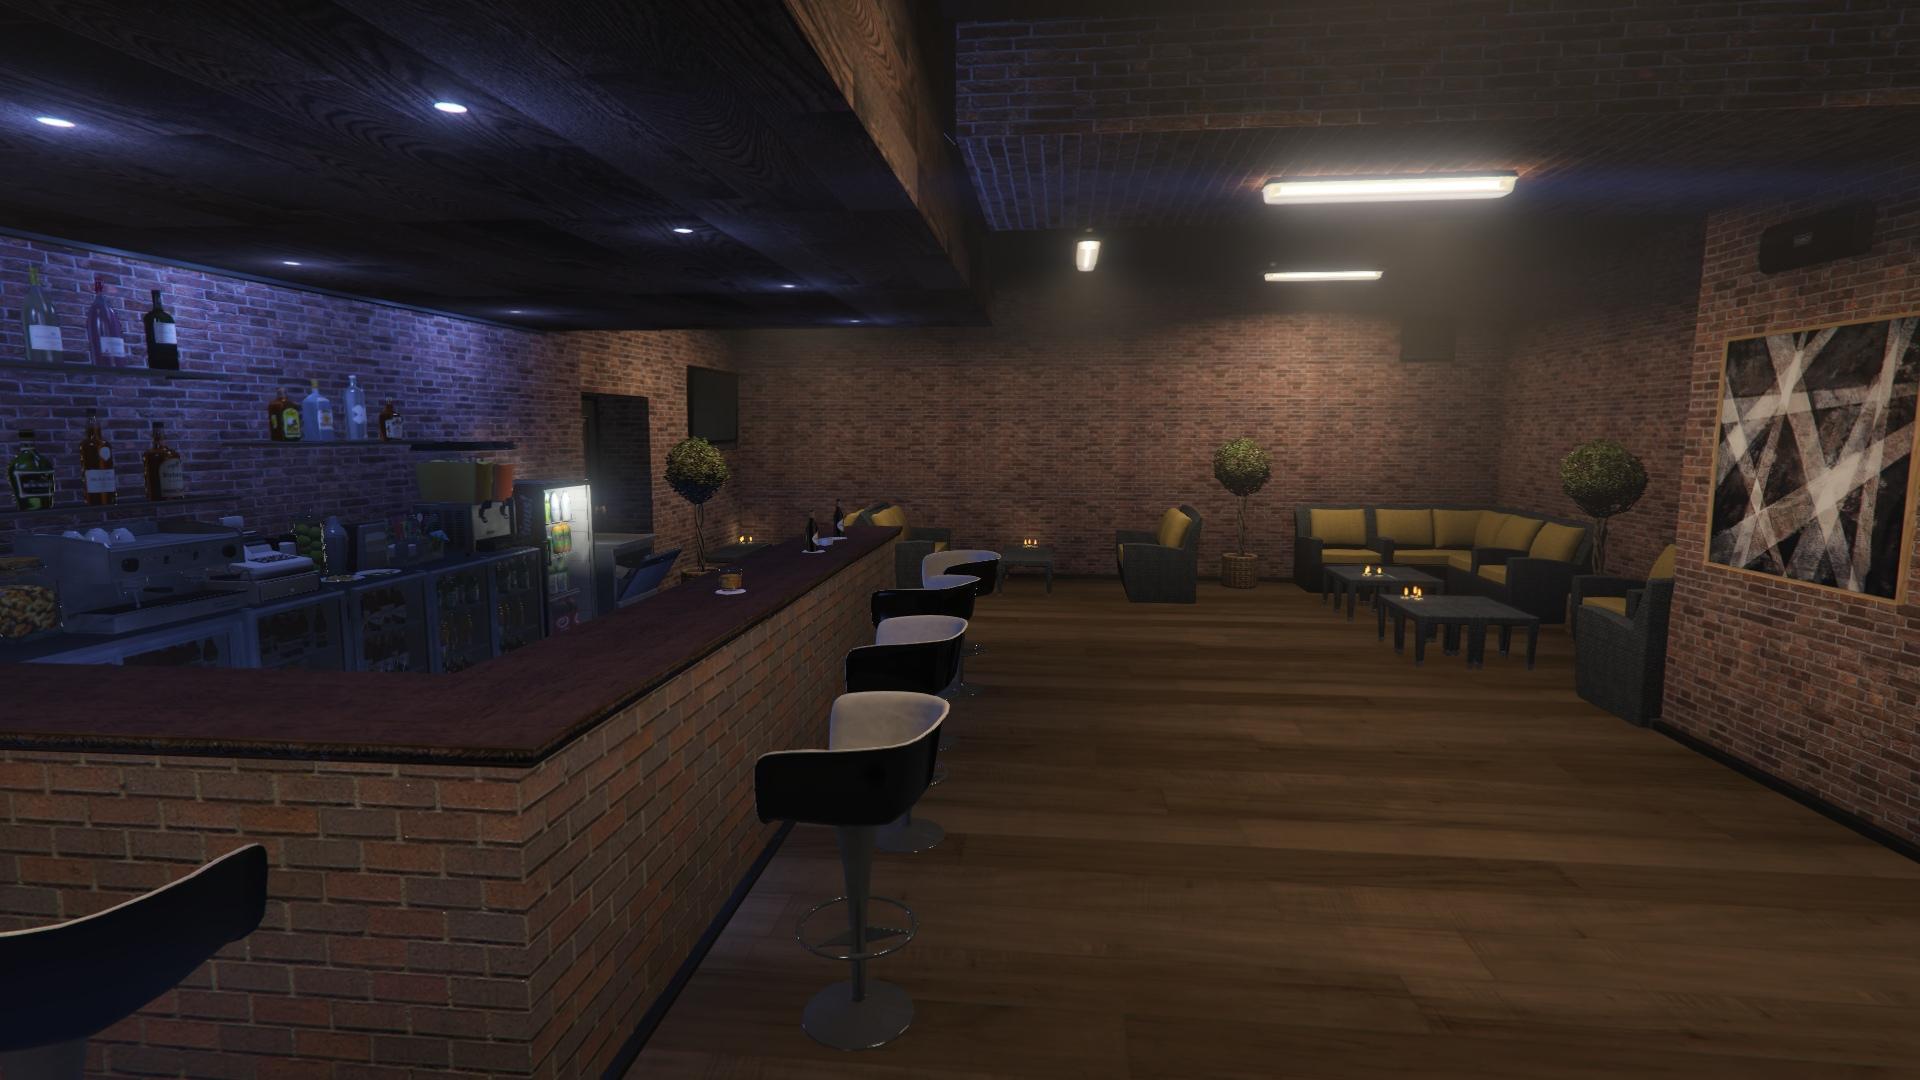 Bar interior  GTA5Modscom